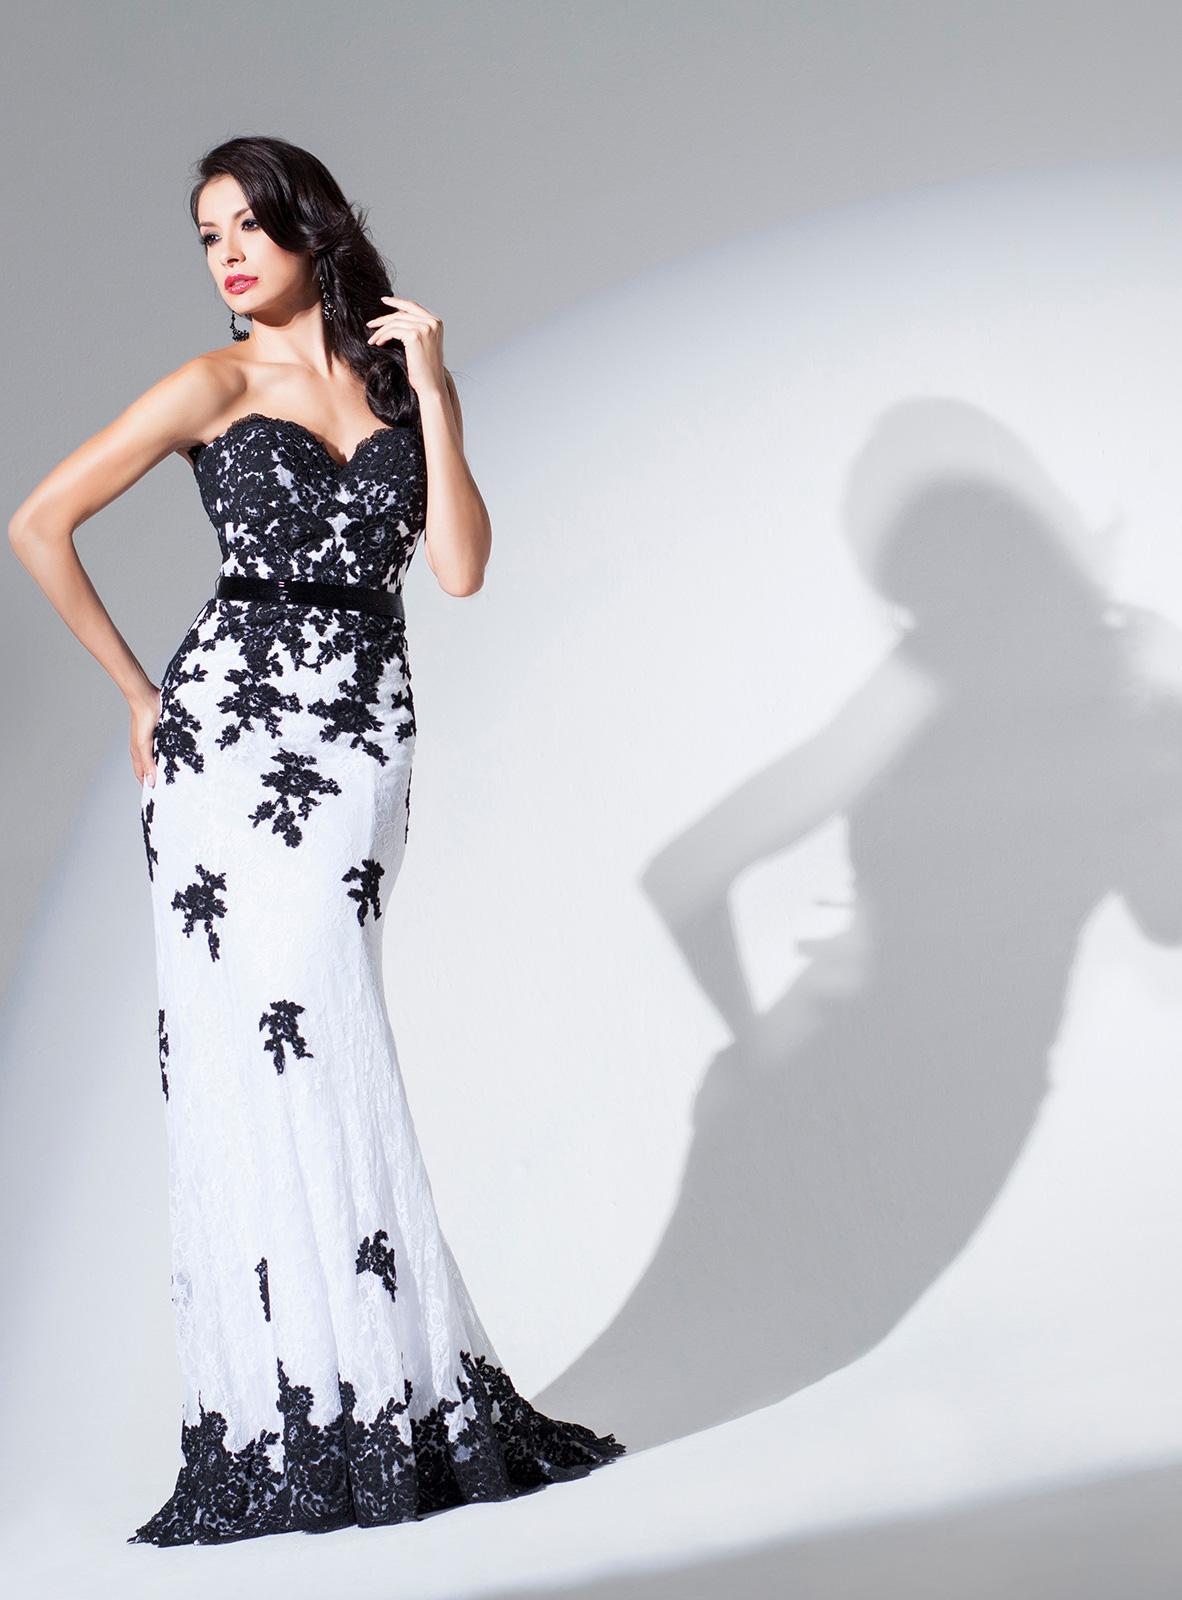 Vestido de Festa tomara que caia princesa, todo em renda com faixa de pedrarias na cintura e aplicações rebordadas com maior intensidade no corpo, salpicadas na saia e barrado, corte sereia.